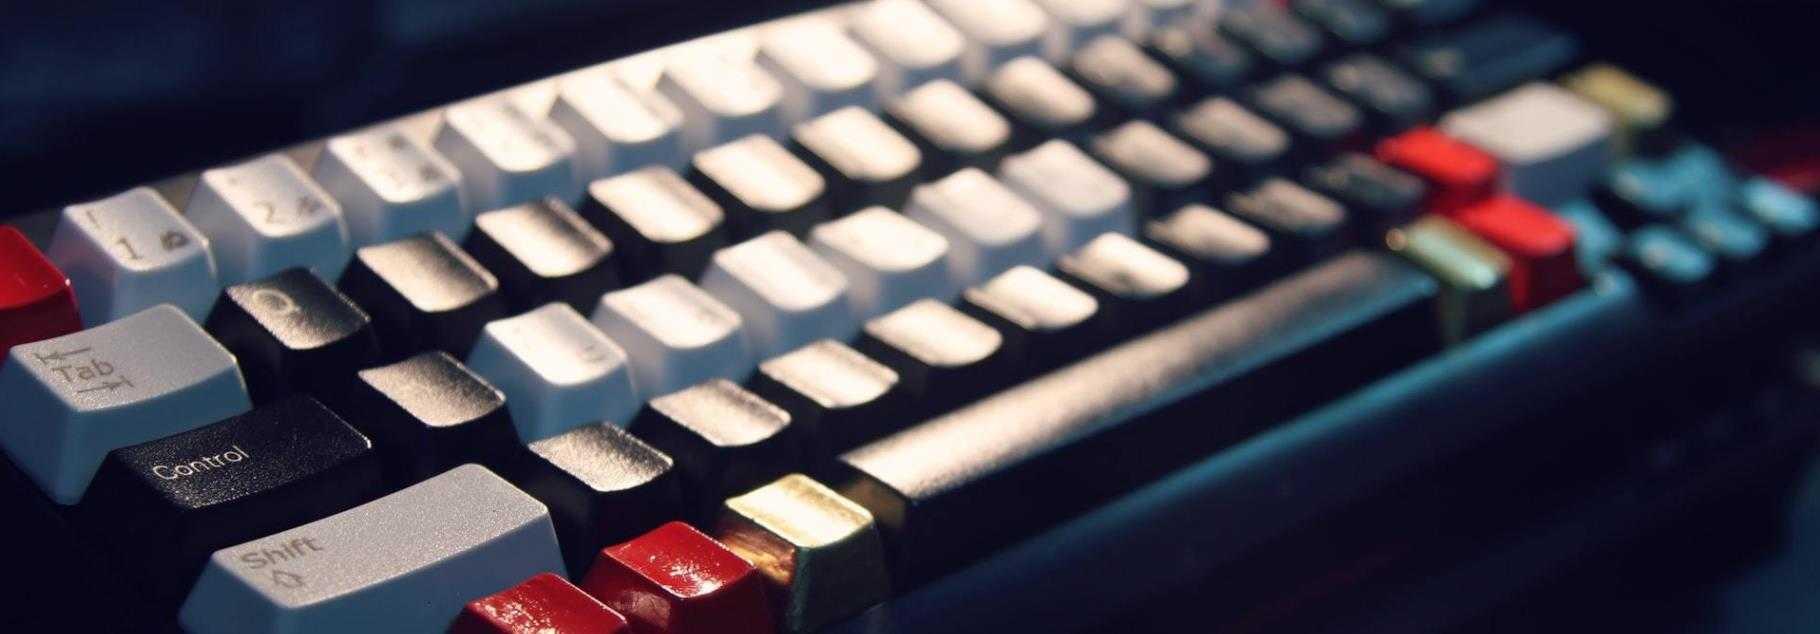 无线键盘哪个牌子好_2021无线键盘推荐